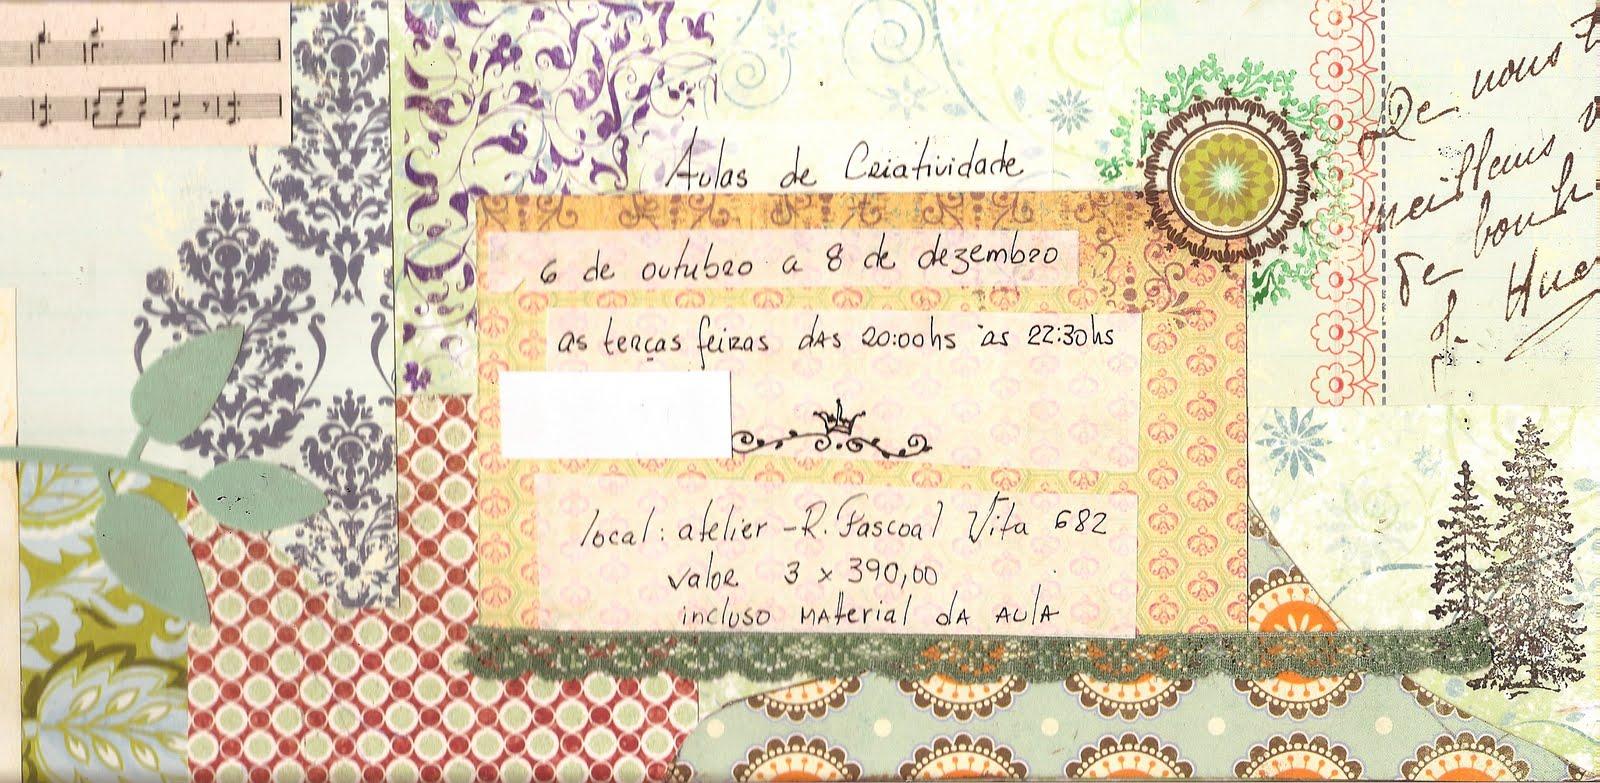 [c:c2.jpg+convite]